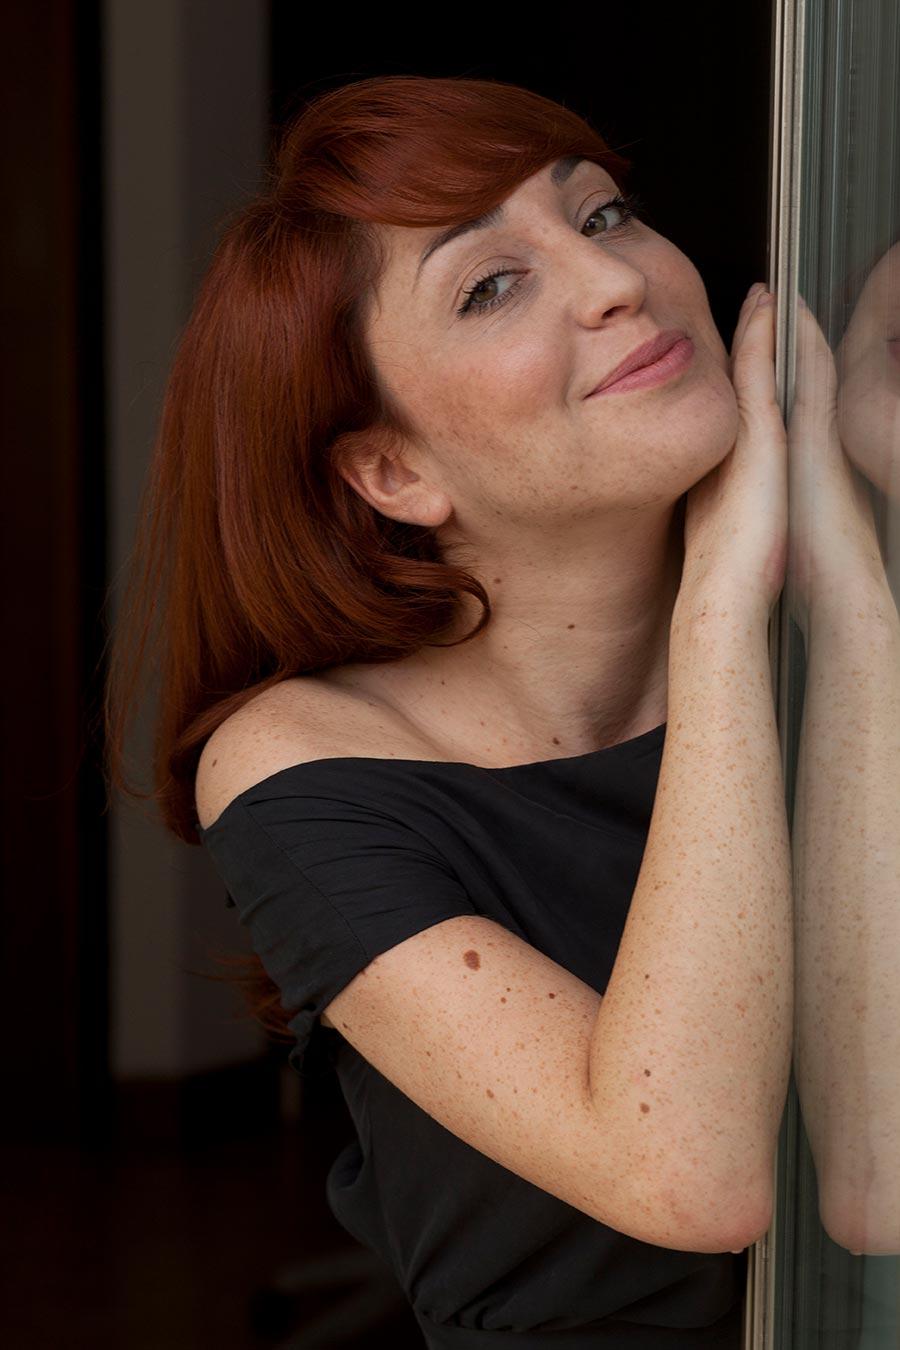 ALESSIA IACOPETTA